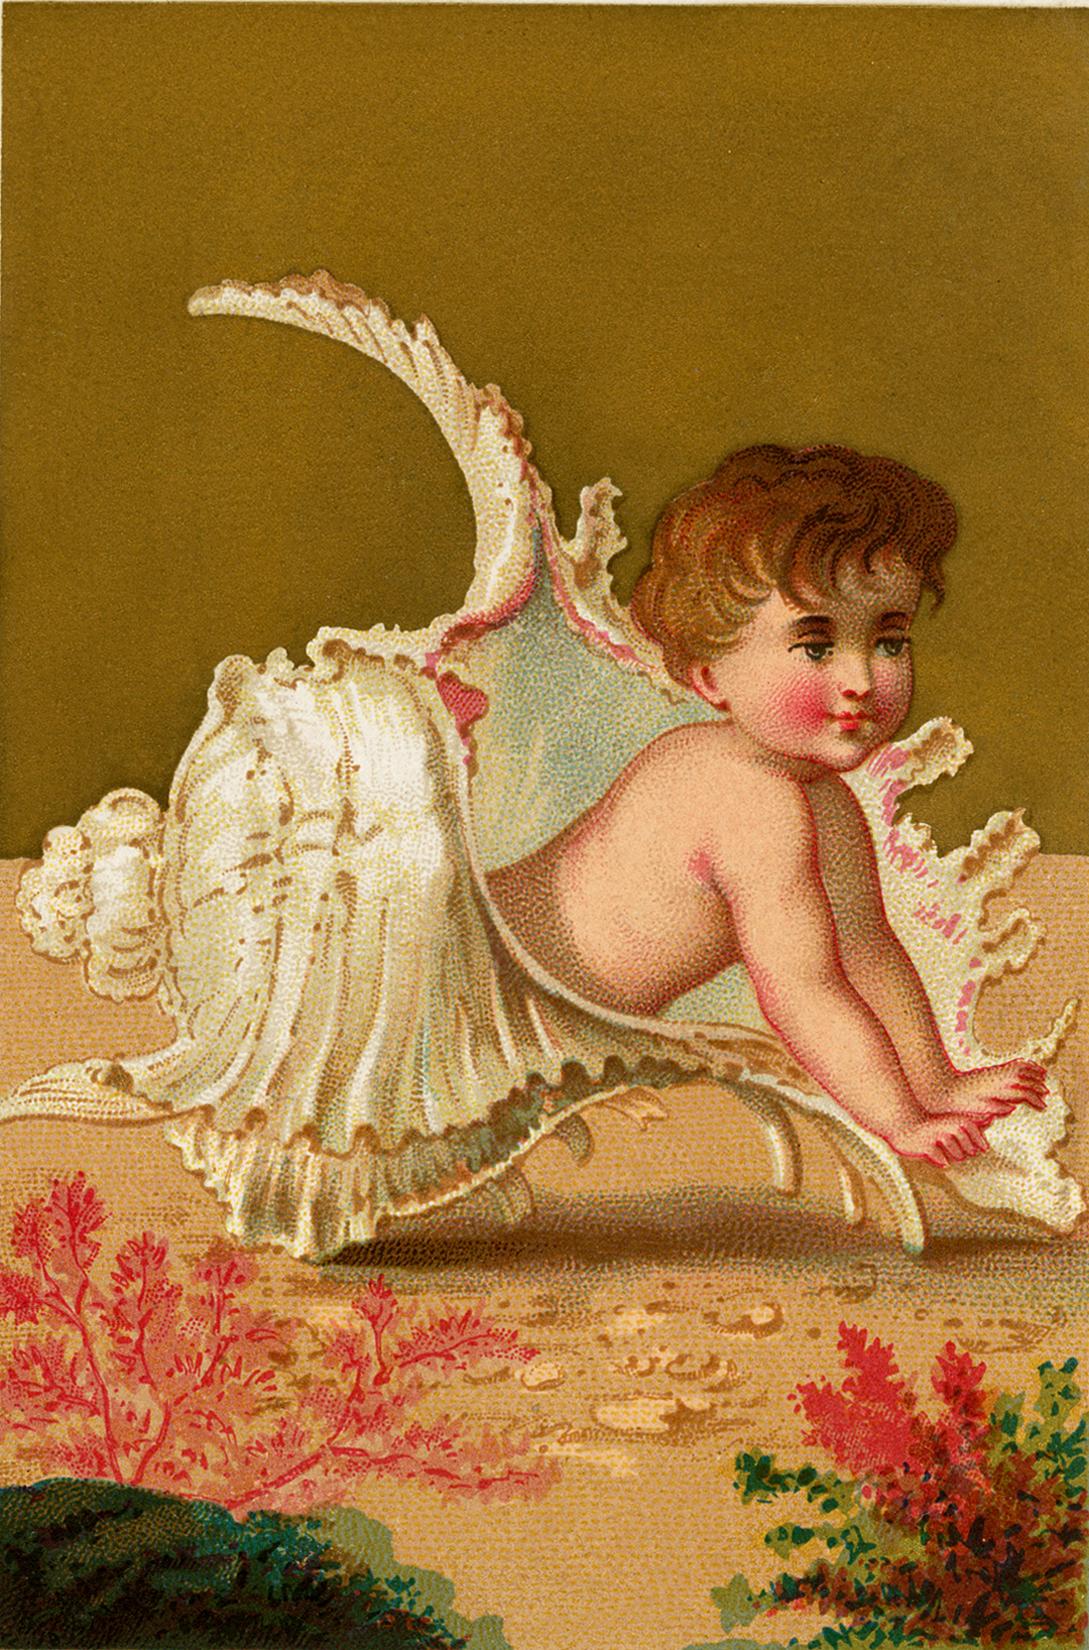 Public Domain Seashell Baby Image